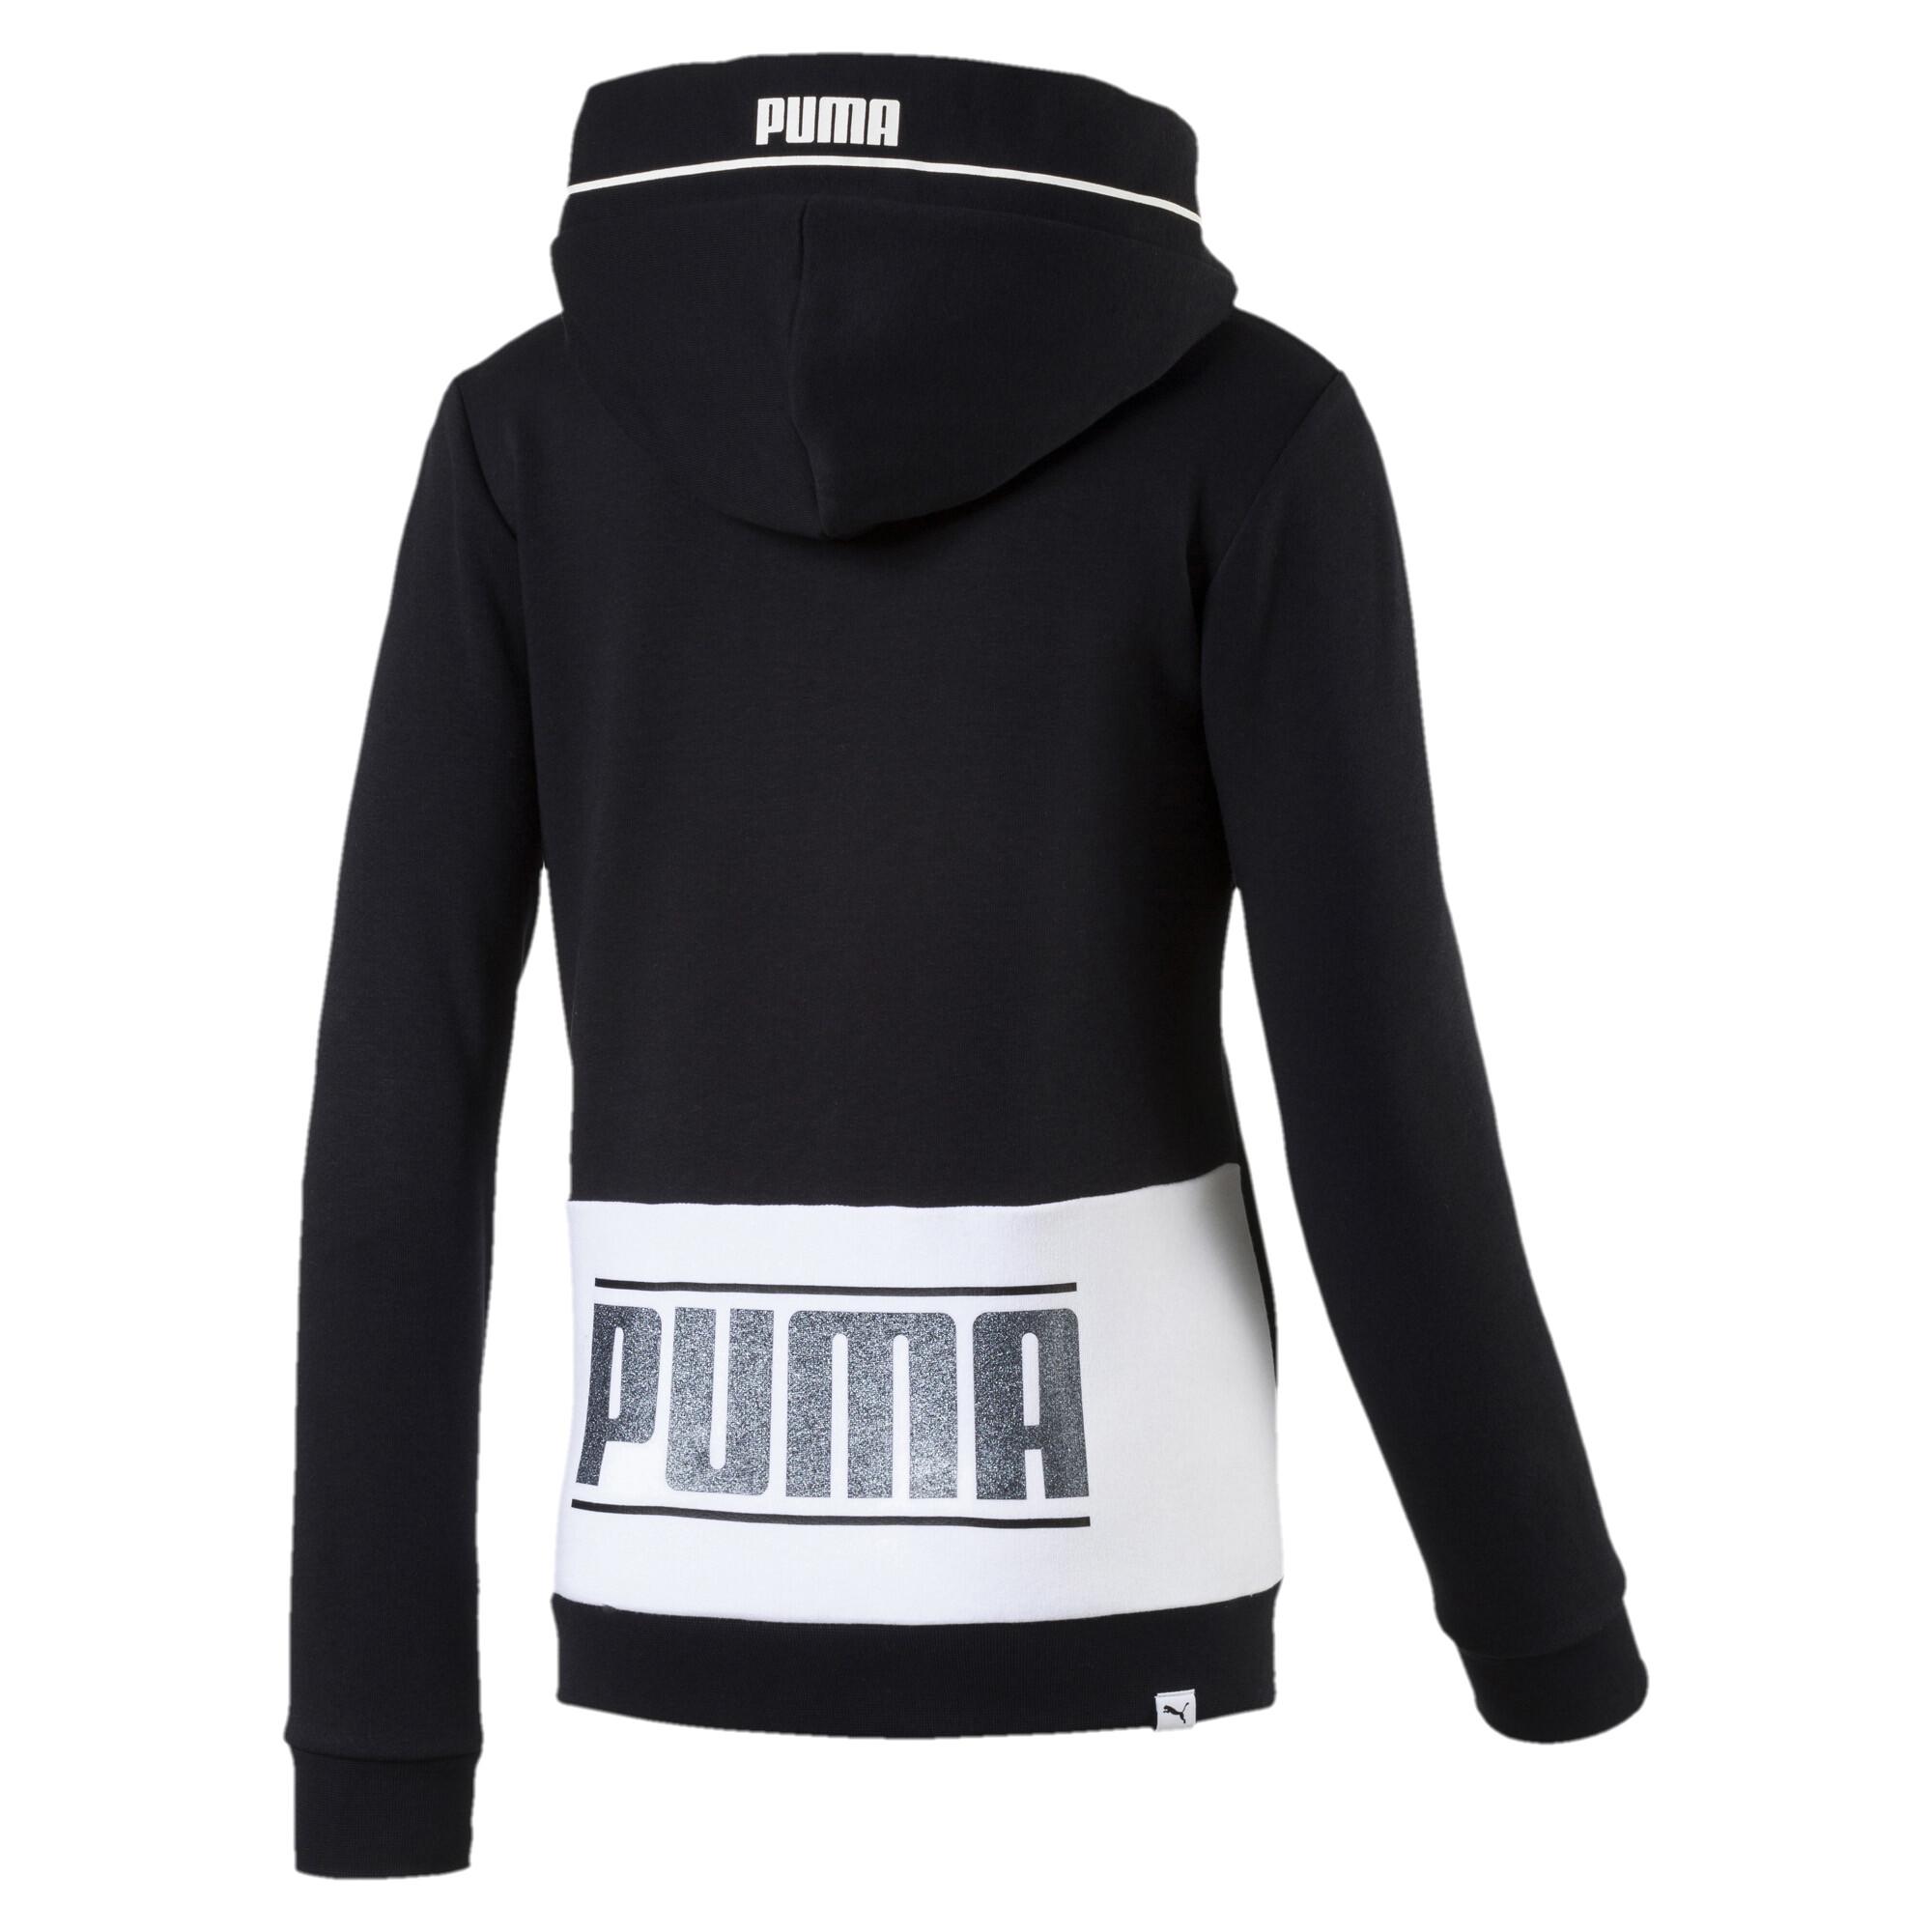 Image Puma Girls' Style Full Zip Hoodie #2